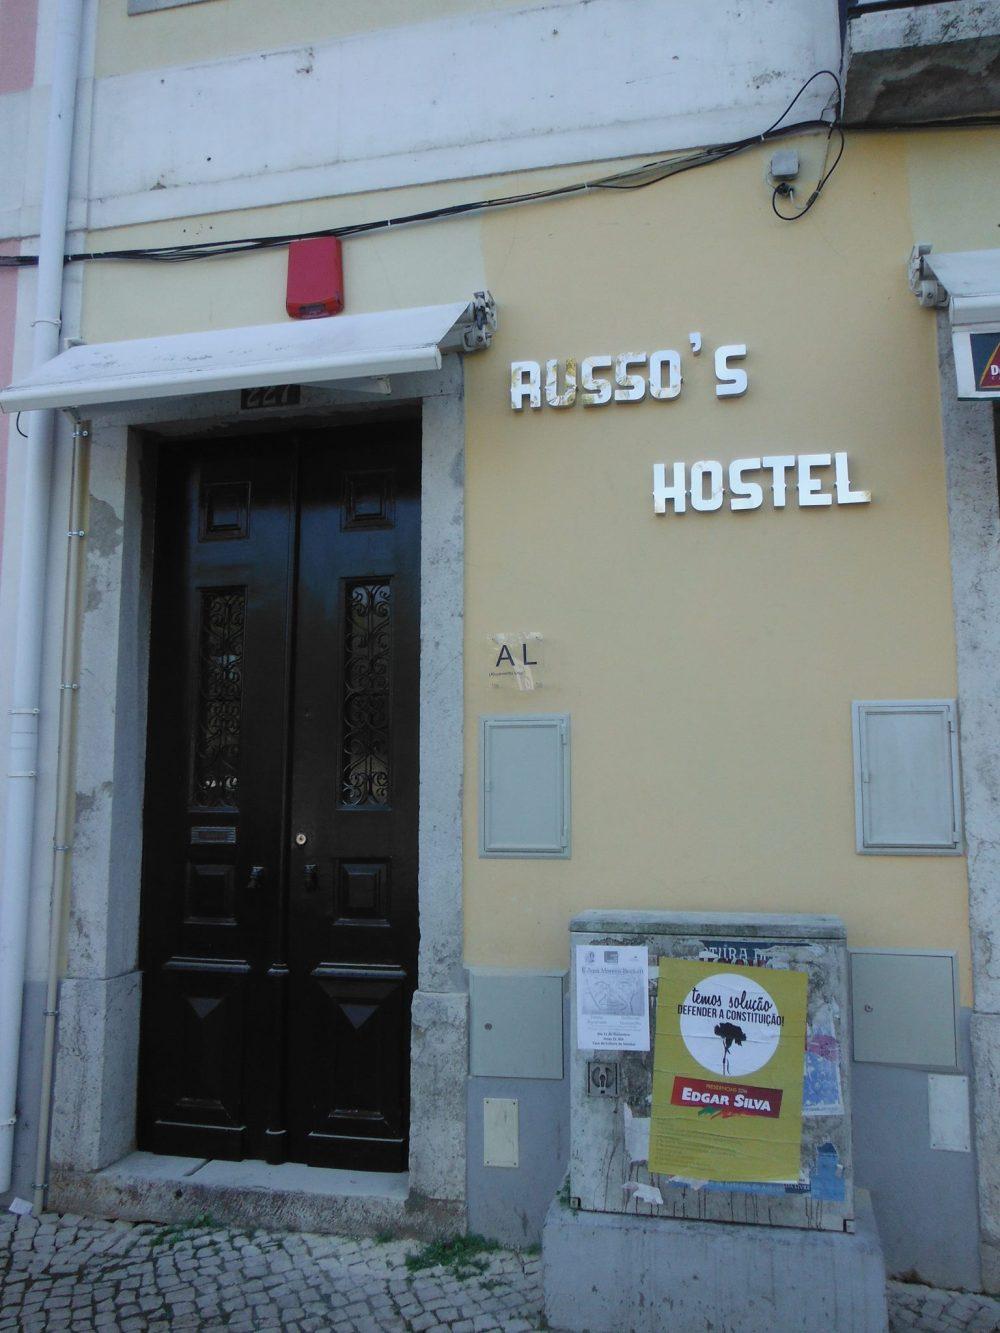 russos-hostel